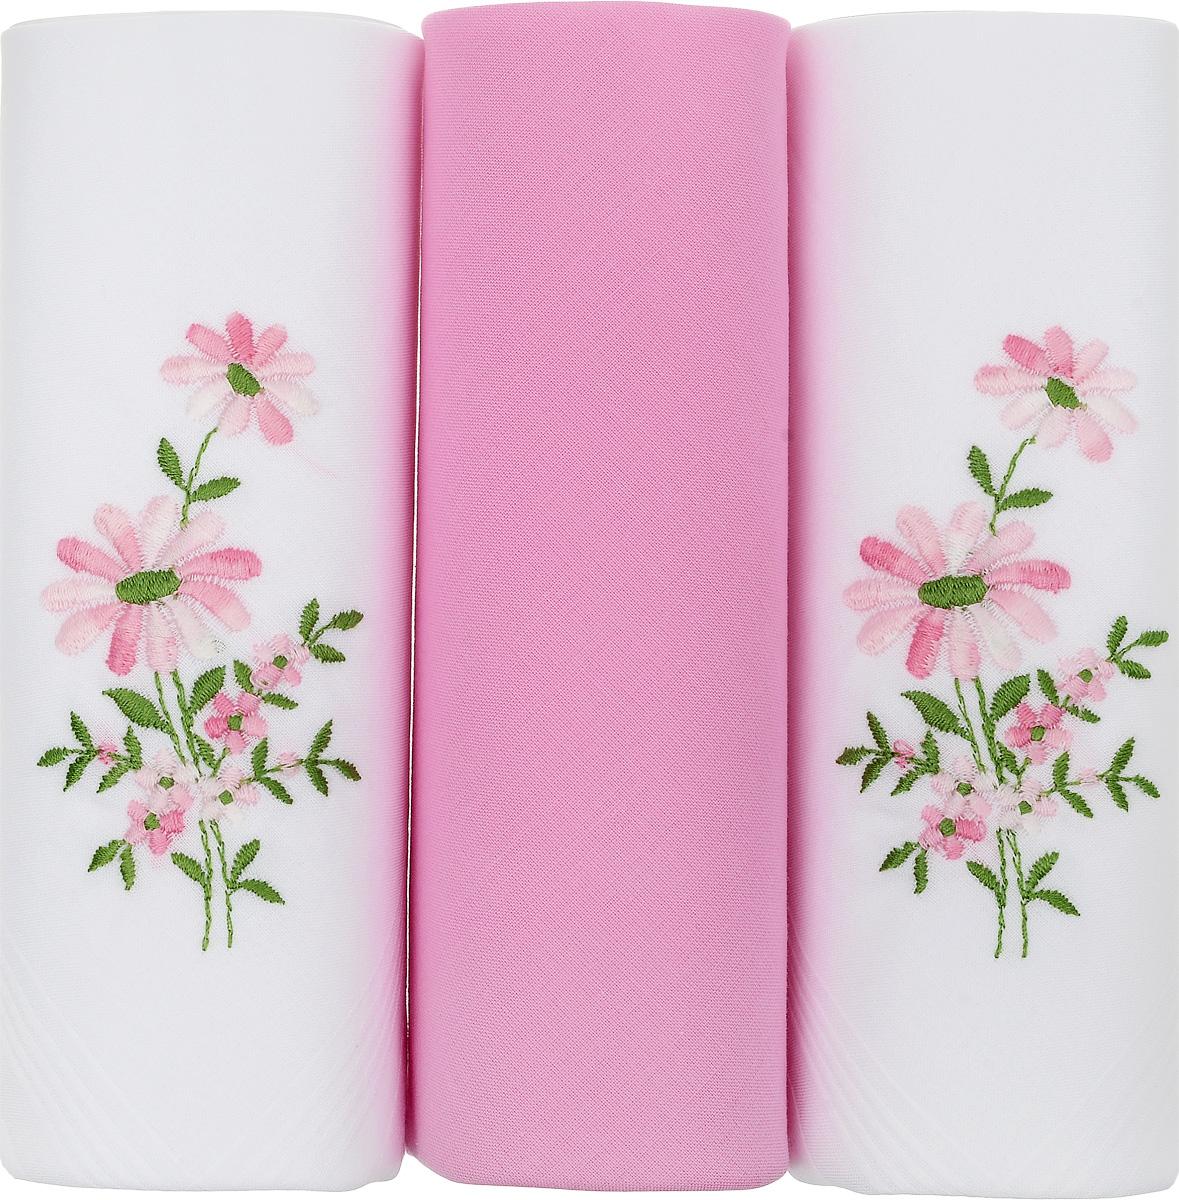 Платок носовой женский Zlata Korunka, цвет: белый, розовый, 3 шт. 25605-18. Размер 30 см х 30 смСерьги с подвескамиНебольшой женский носовой платок Zlata Korunka изготовлен из высококачественного натурального хлопка, благодаря чему приятен в использовании, хорошо стирается, не садится и отлично впитывает влагу. Практичный и изящный носовой платок будет незаменим в повседневной жизни любого современного человека. Такой платок послужит стильным аксессуаром и подчеркнет ваше превосходное чувство вкуса.В комплекте 3 платка.